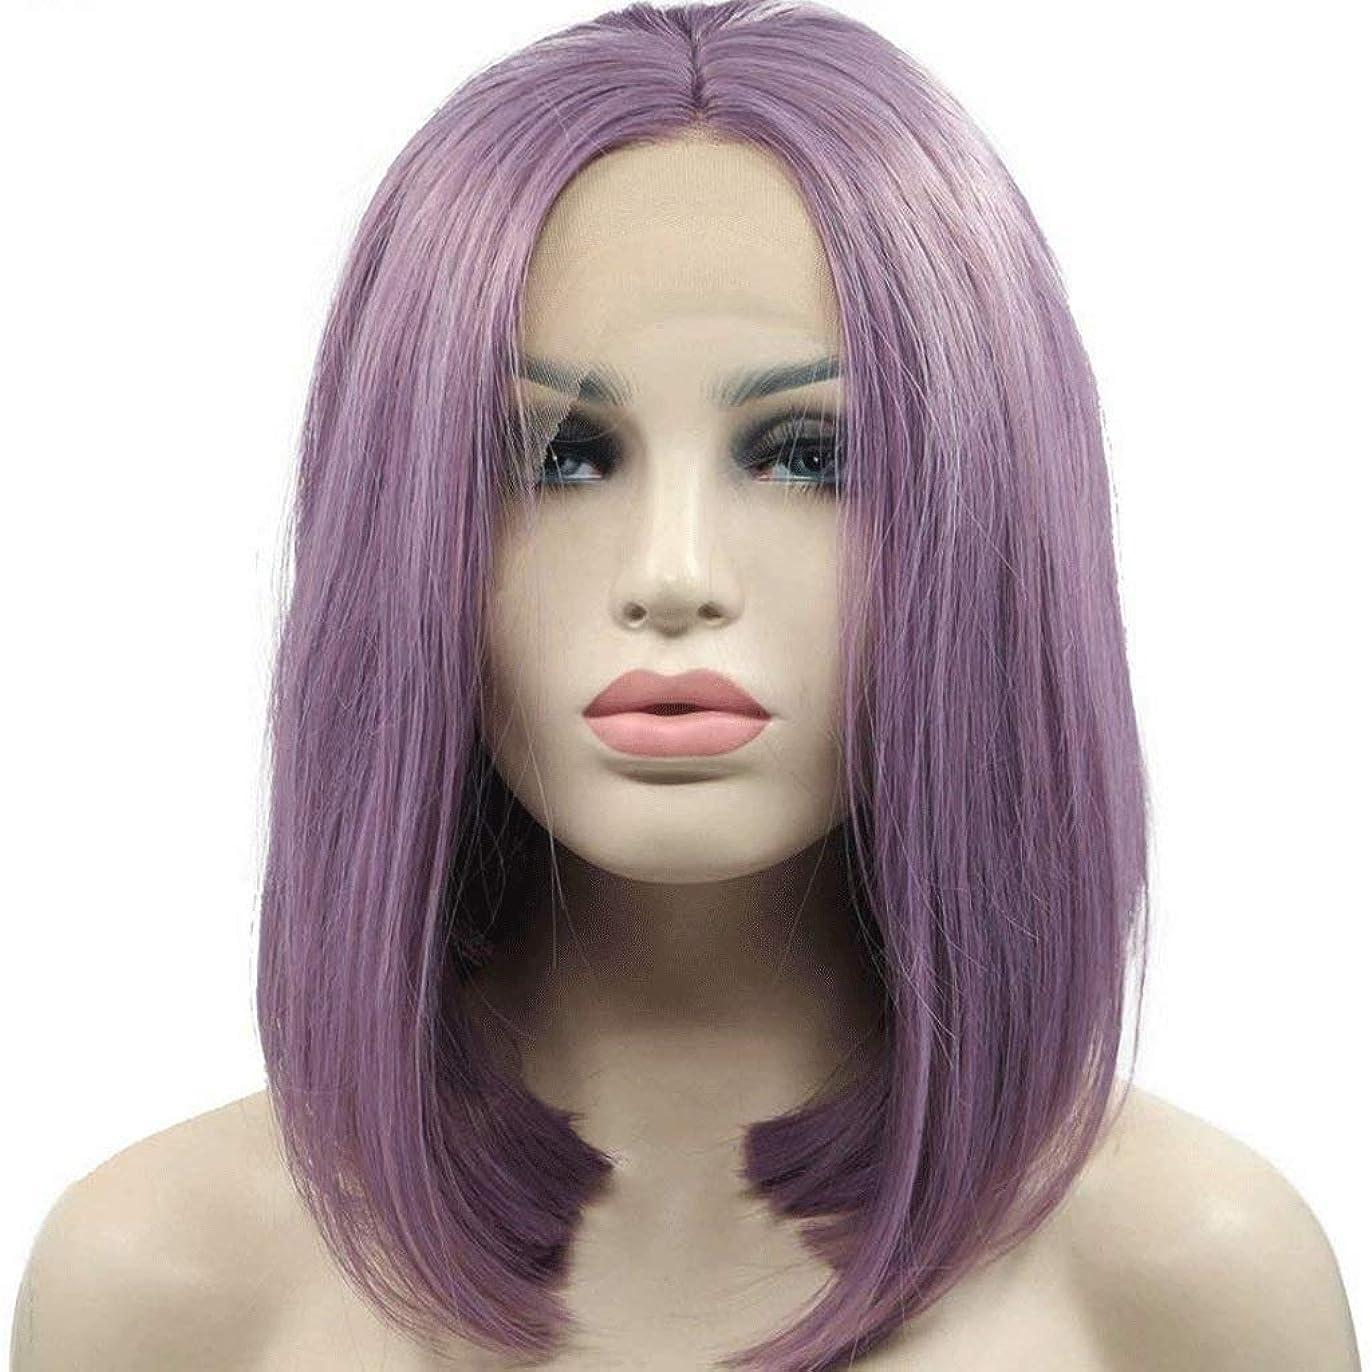 マウス師匠終点紫色の短いボブストレートヘアかつら合成レースフロントかつら、女性のための耐熱中央別れCospalyパーティー14インチ (色 : Purple)